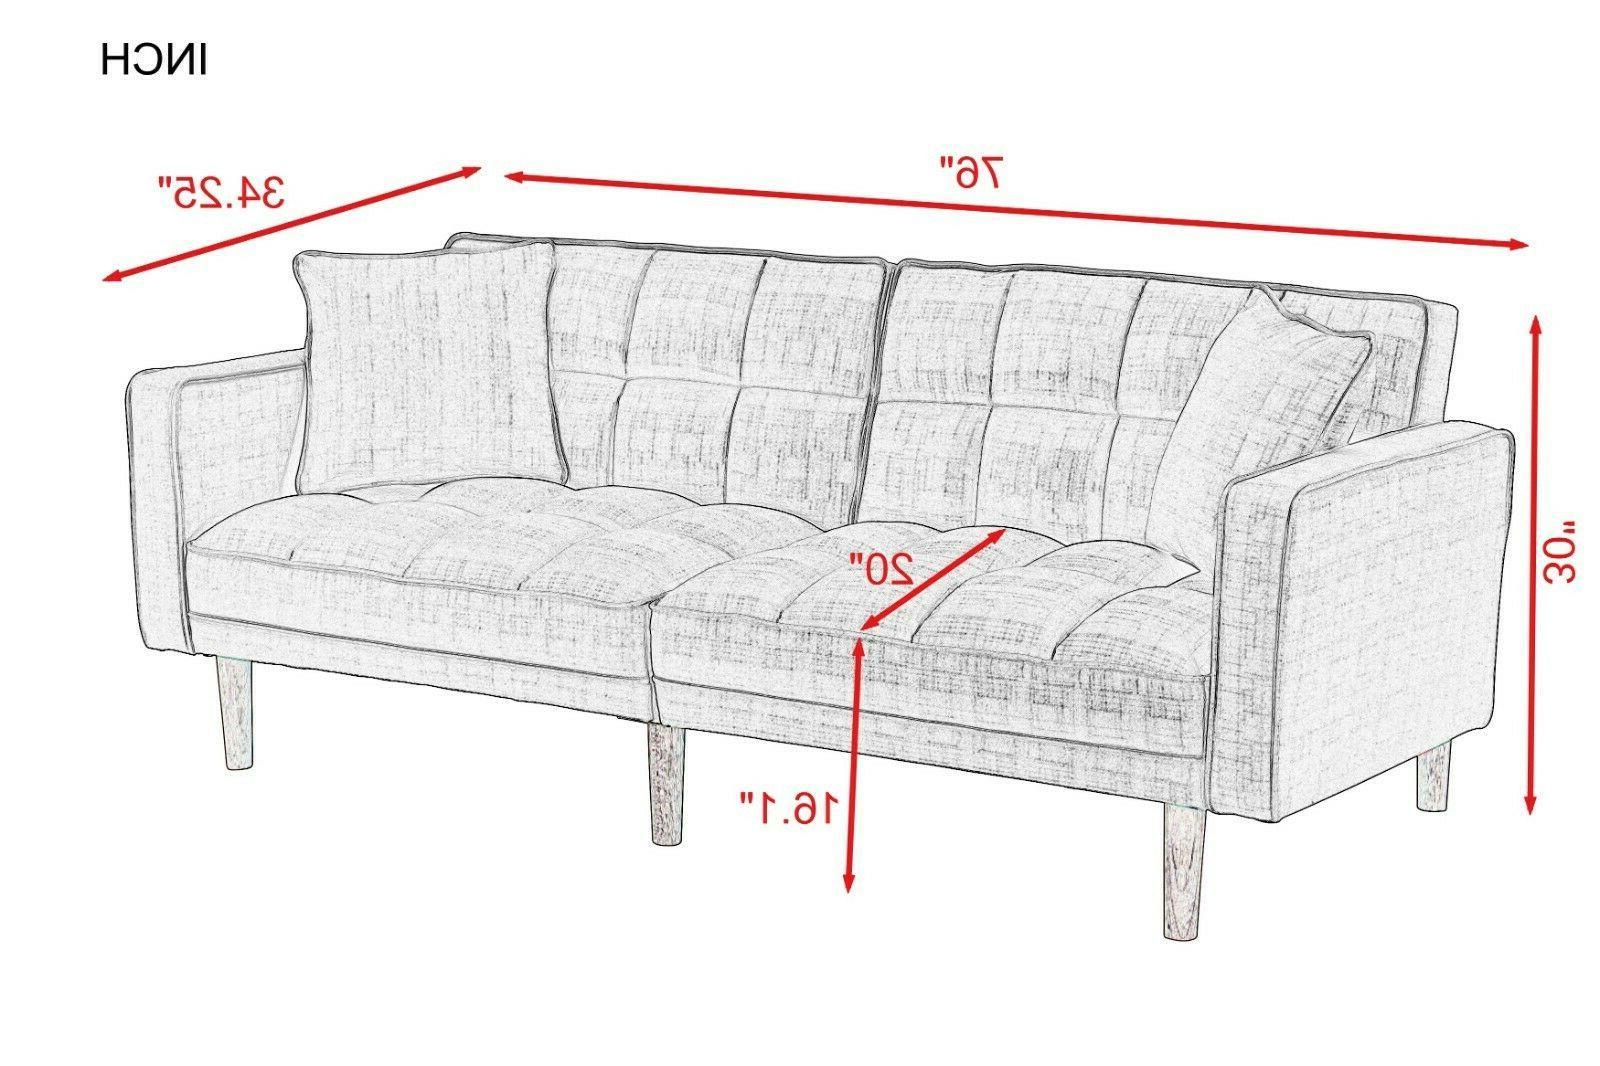 Futon Pillows Lounge Sofa USA